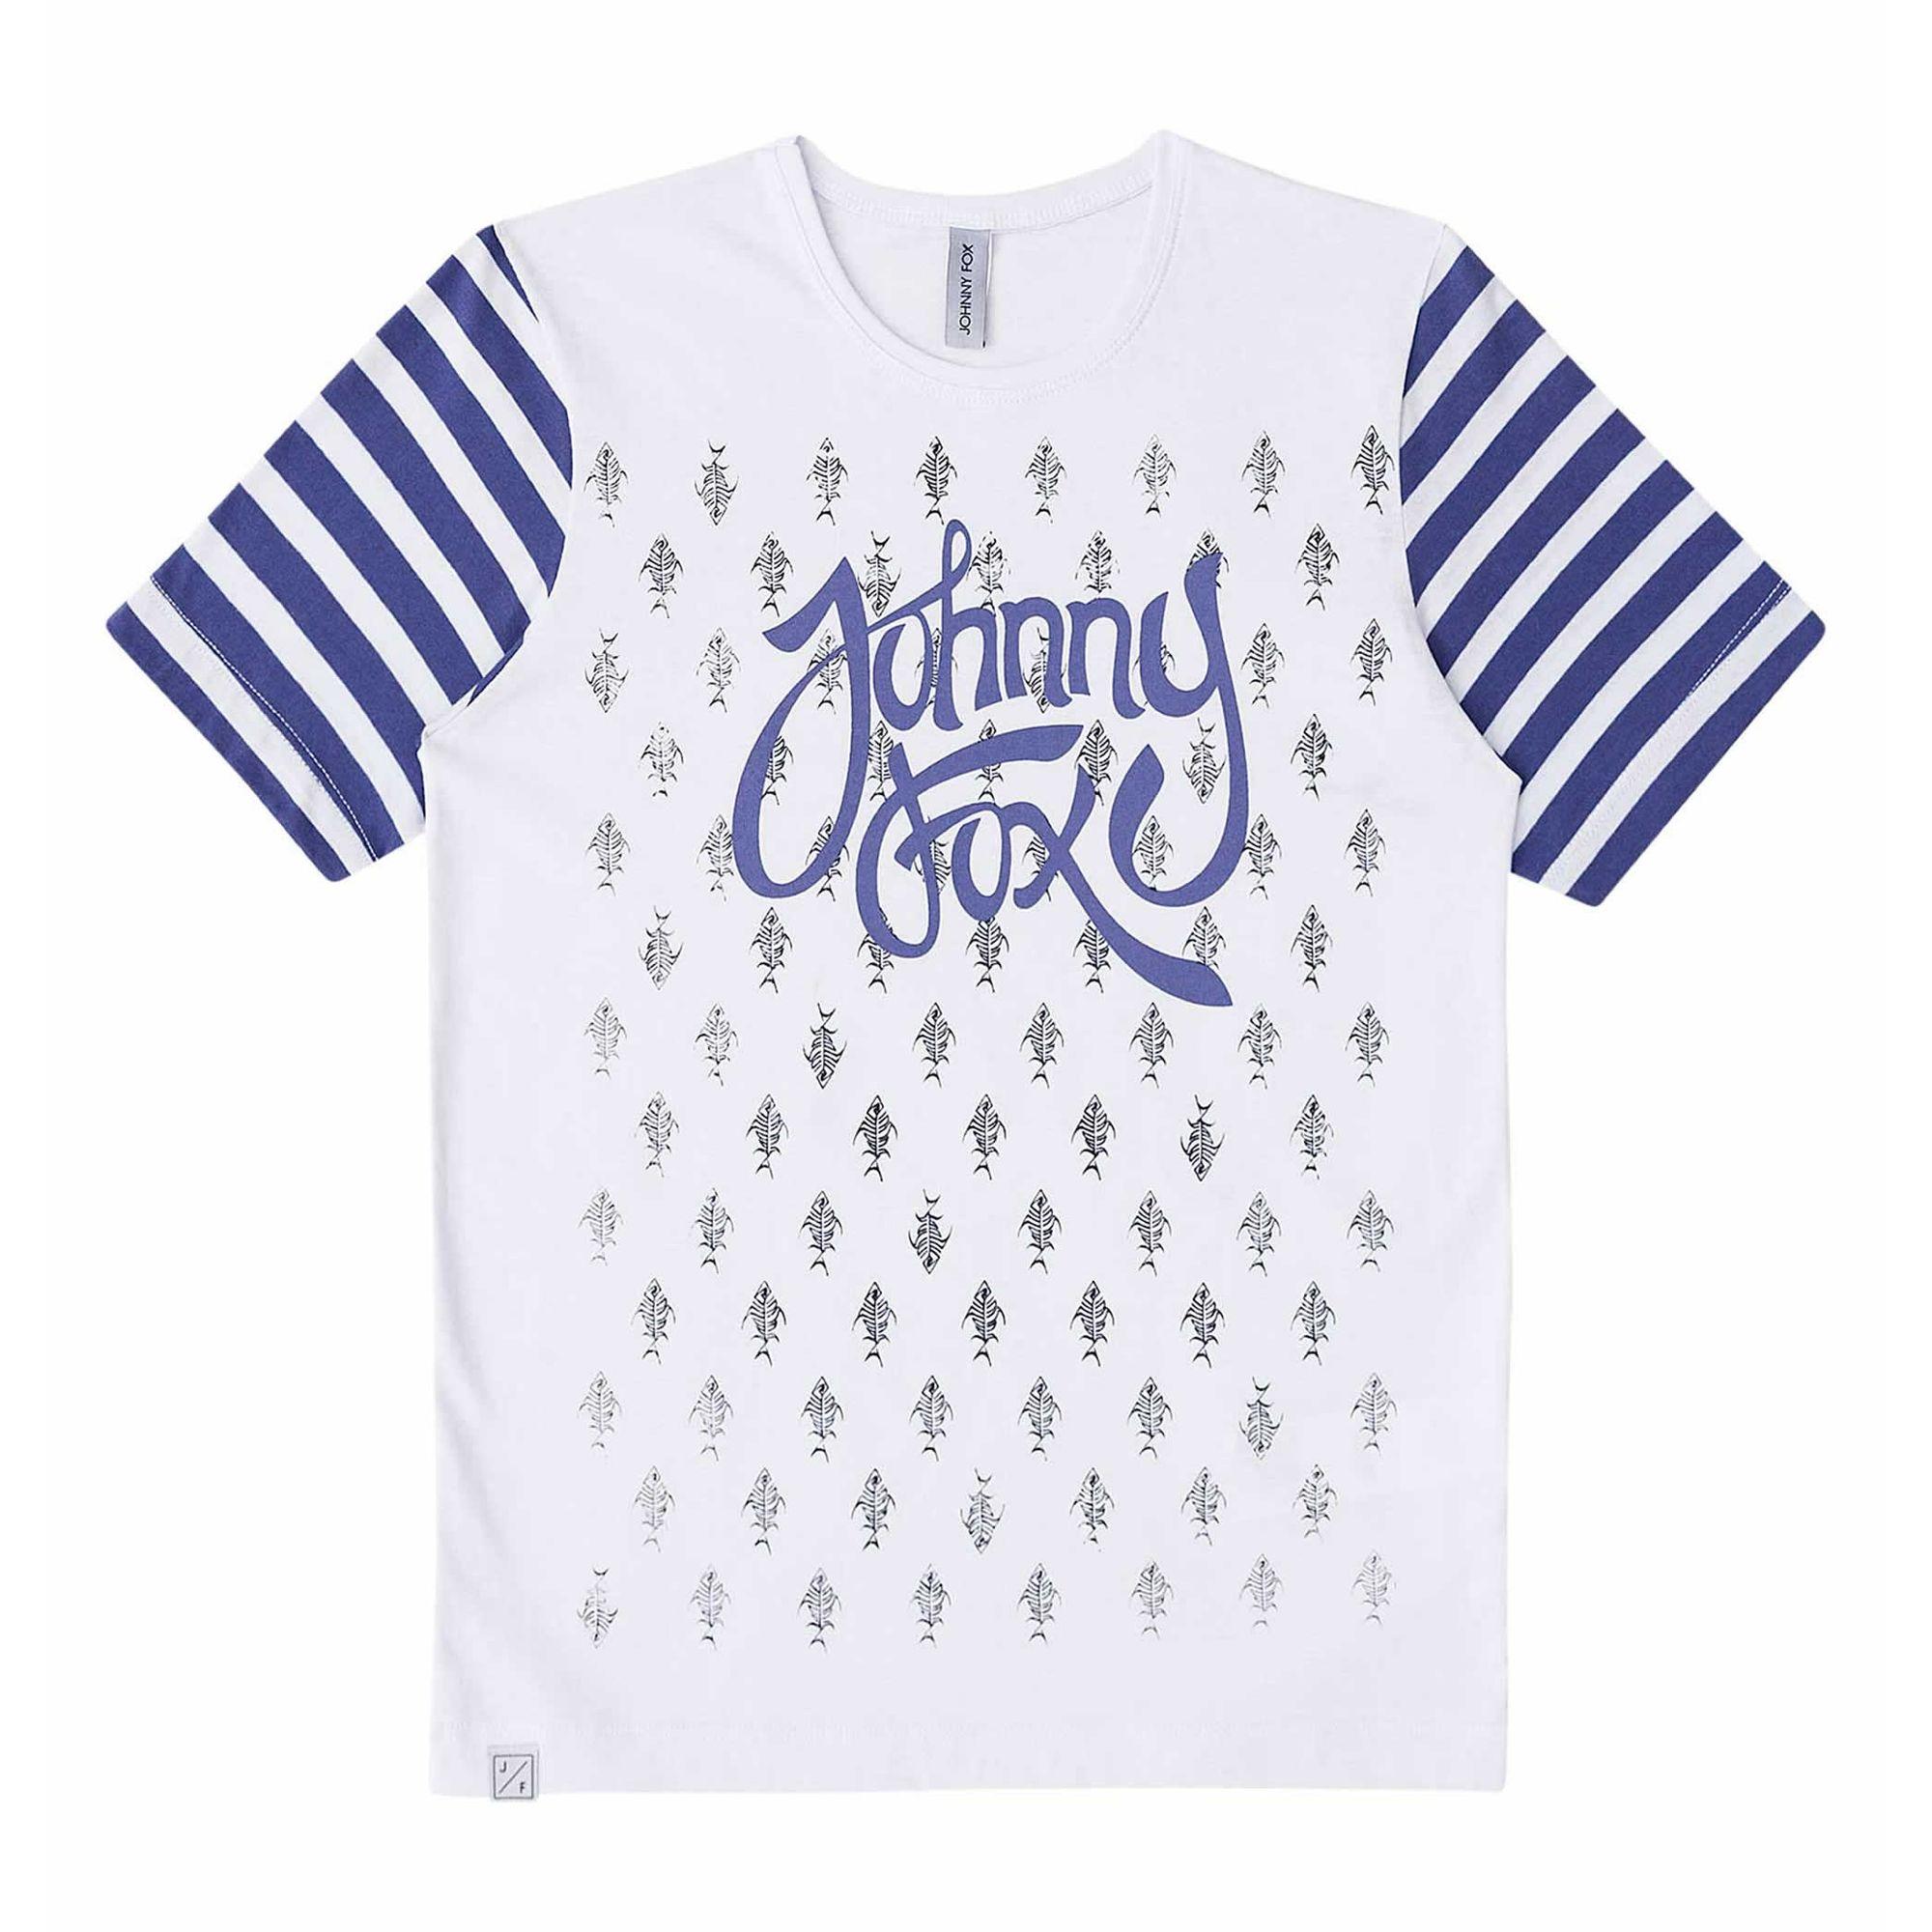 Camiseta e Regata - Compre Camisetas e Regatas Infantis na EcaMeleca. cb628b4deab